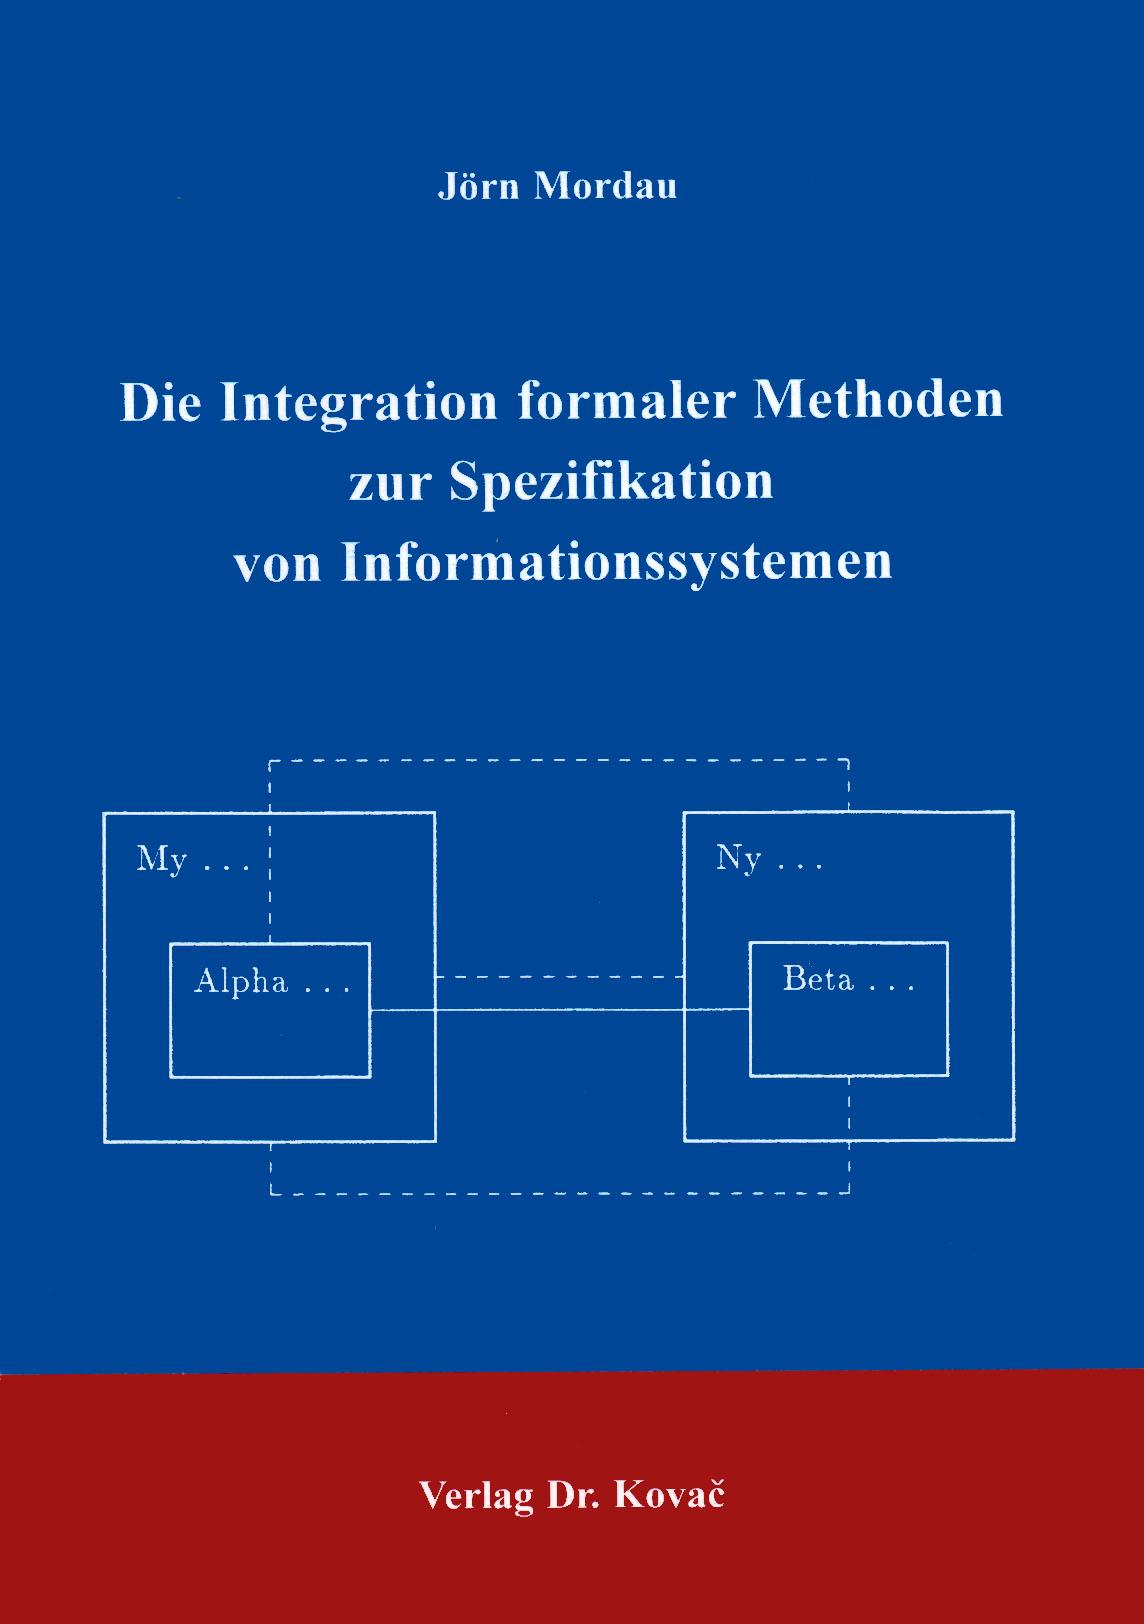 Cover: Die Integration formaler Methoden zur Spezifikation von Informationssystemen